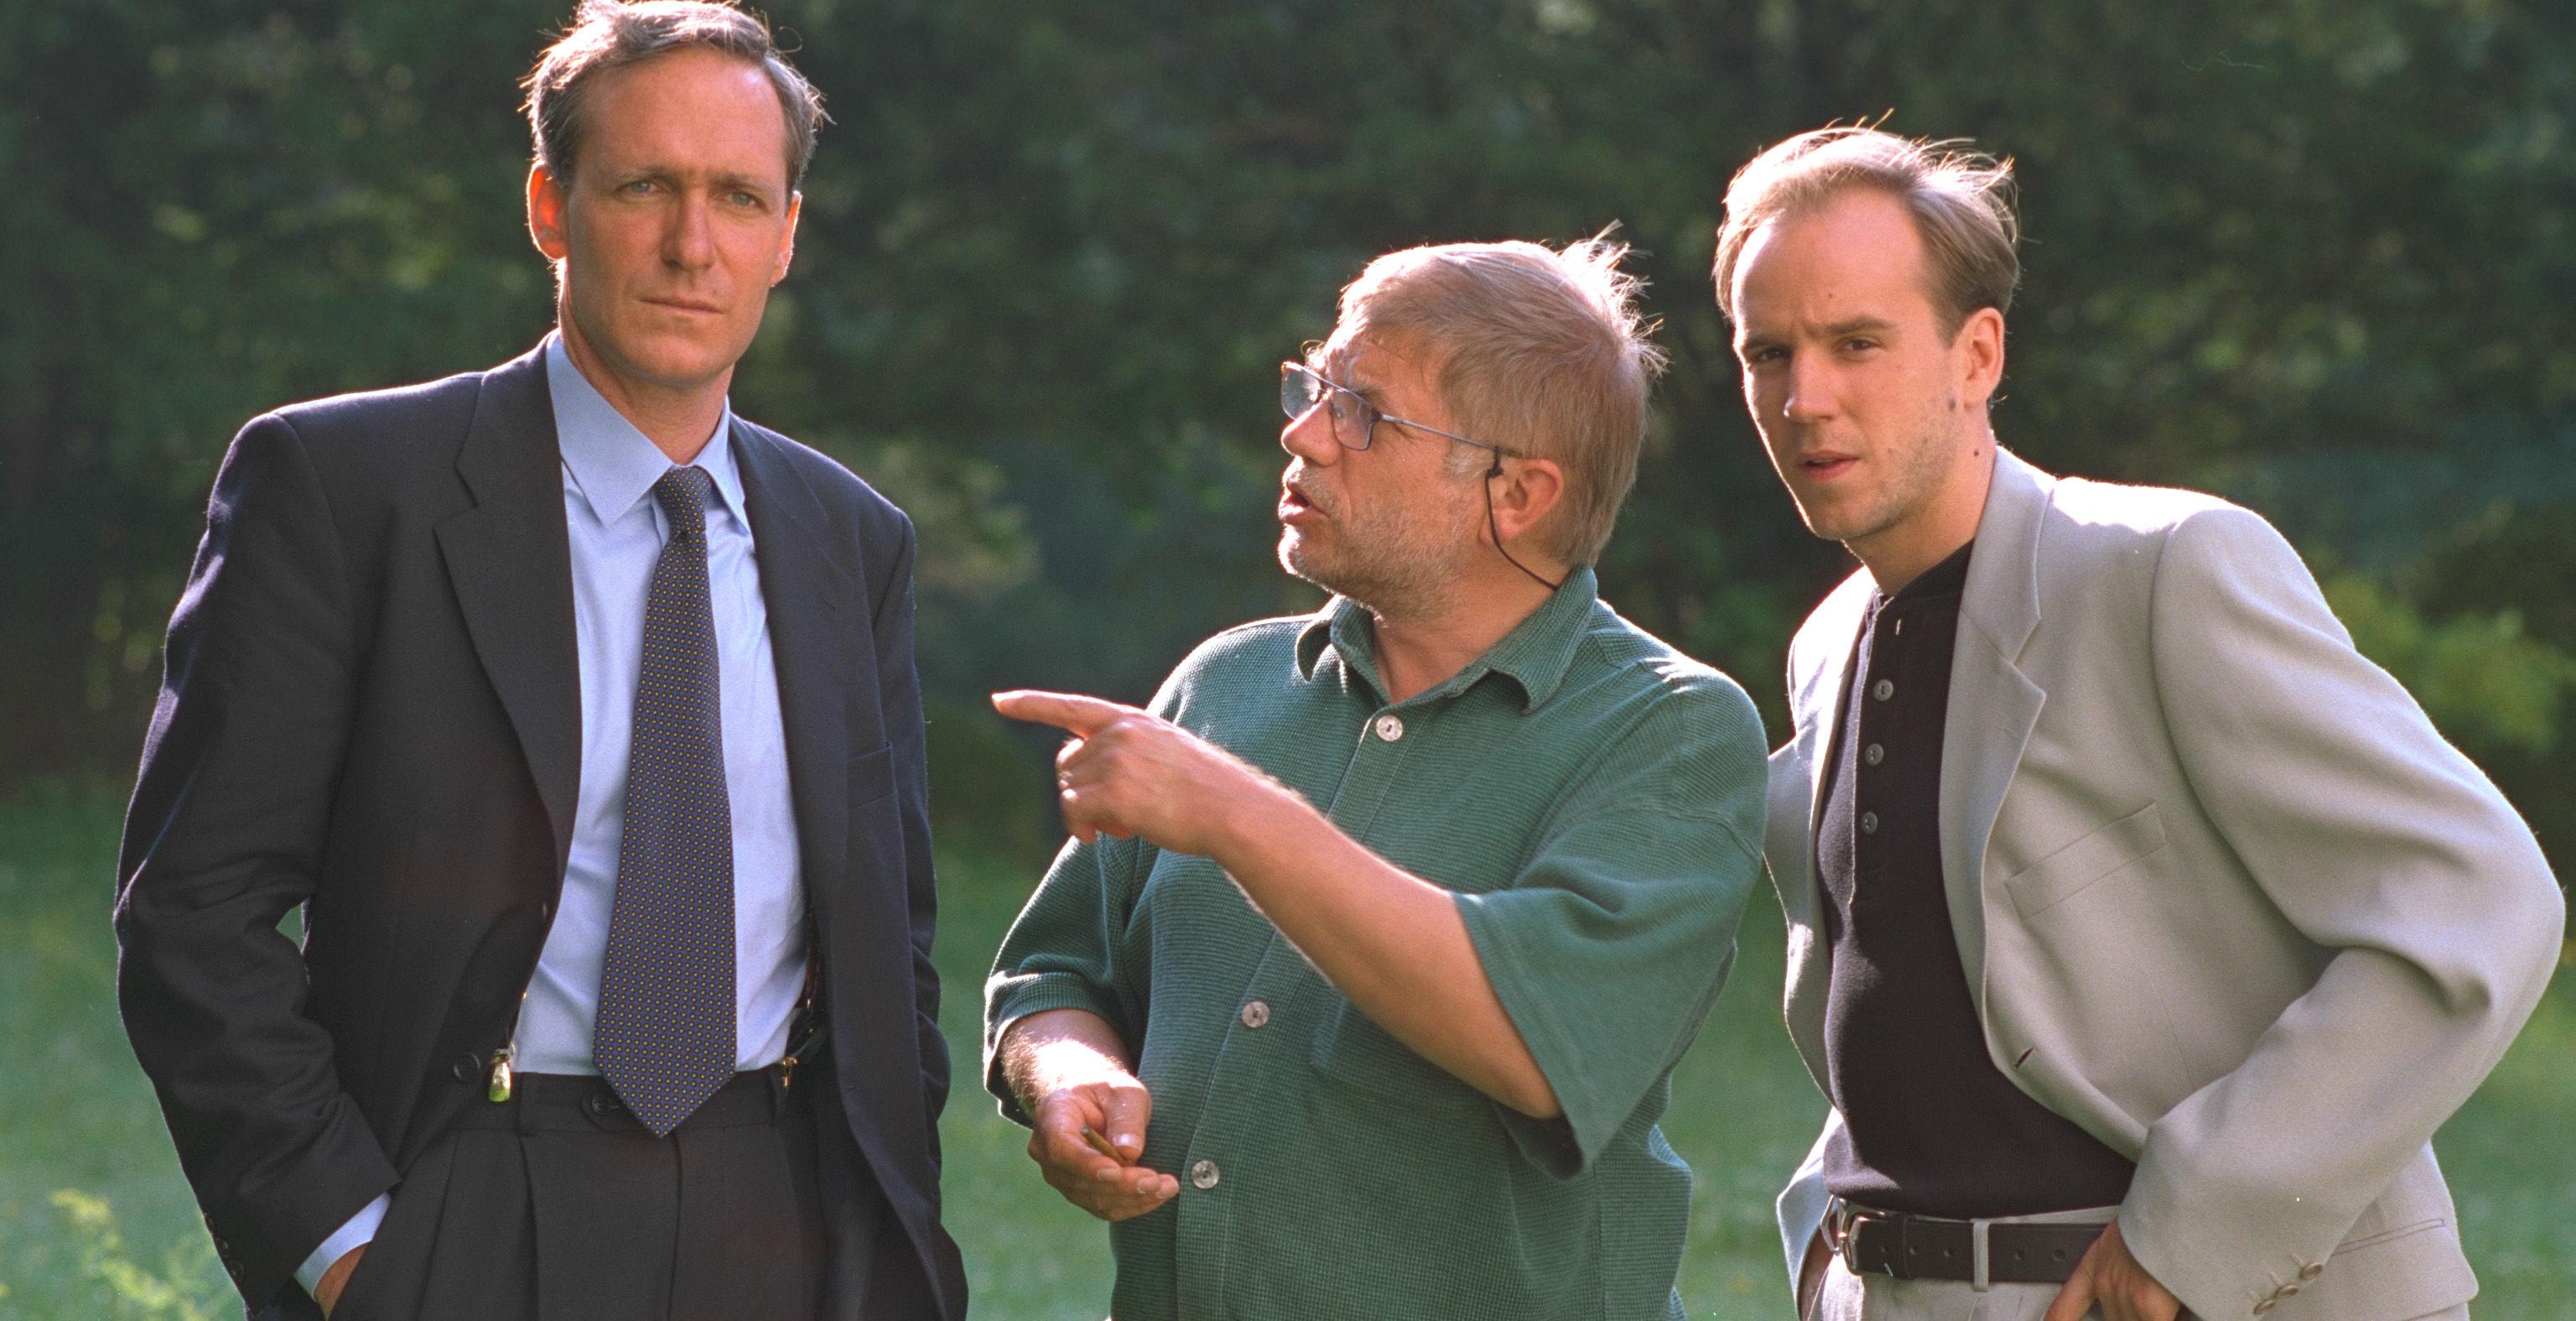 August Zirner (Wolfgang), Reinhard Schwabenitzky (Regie), Paul Herwig (Helge)